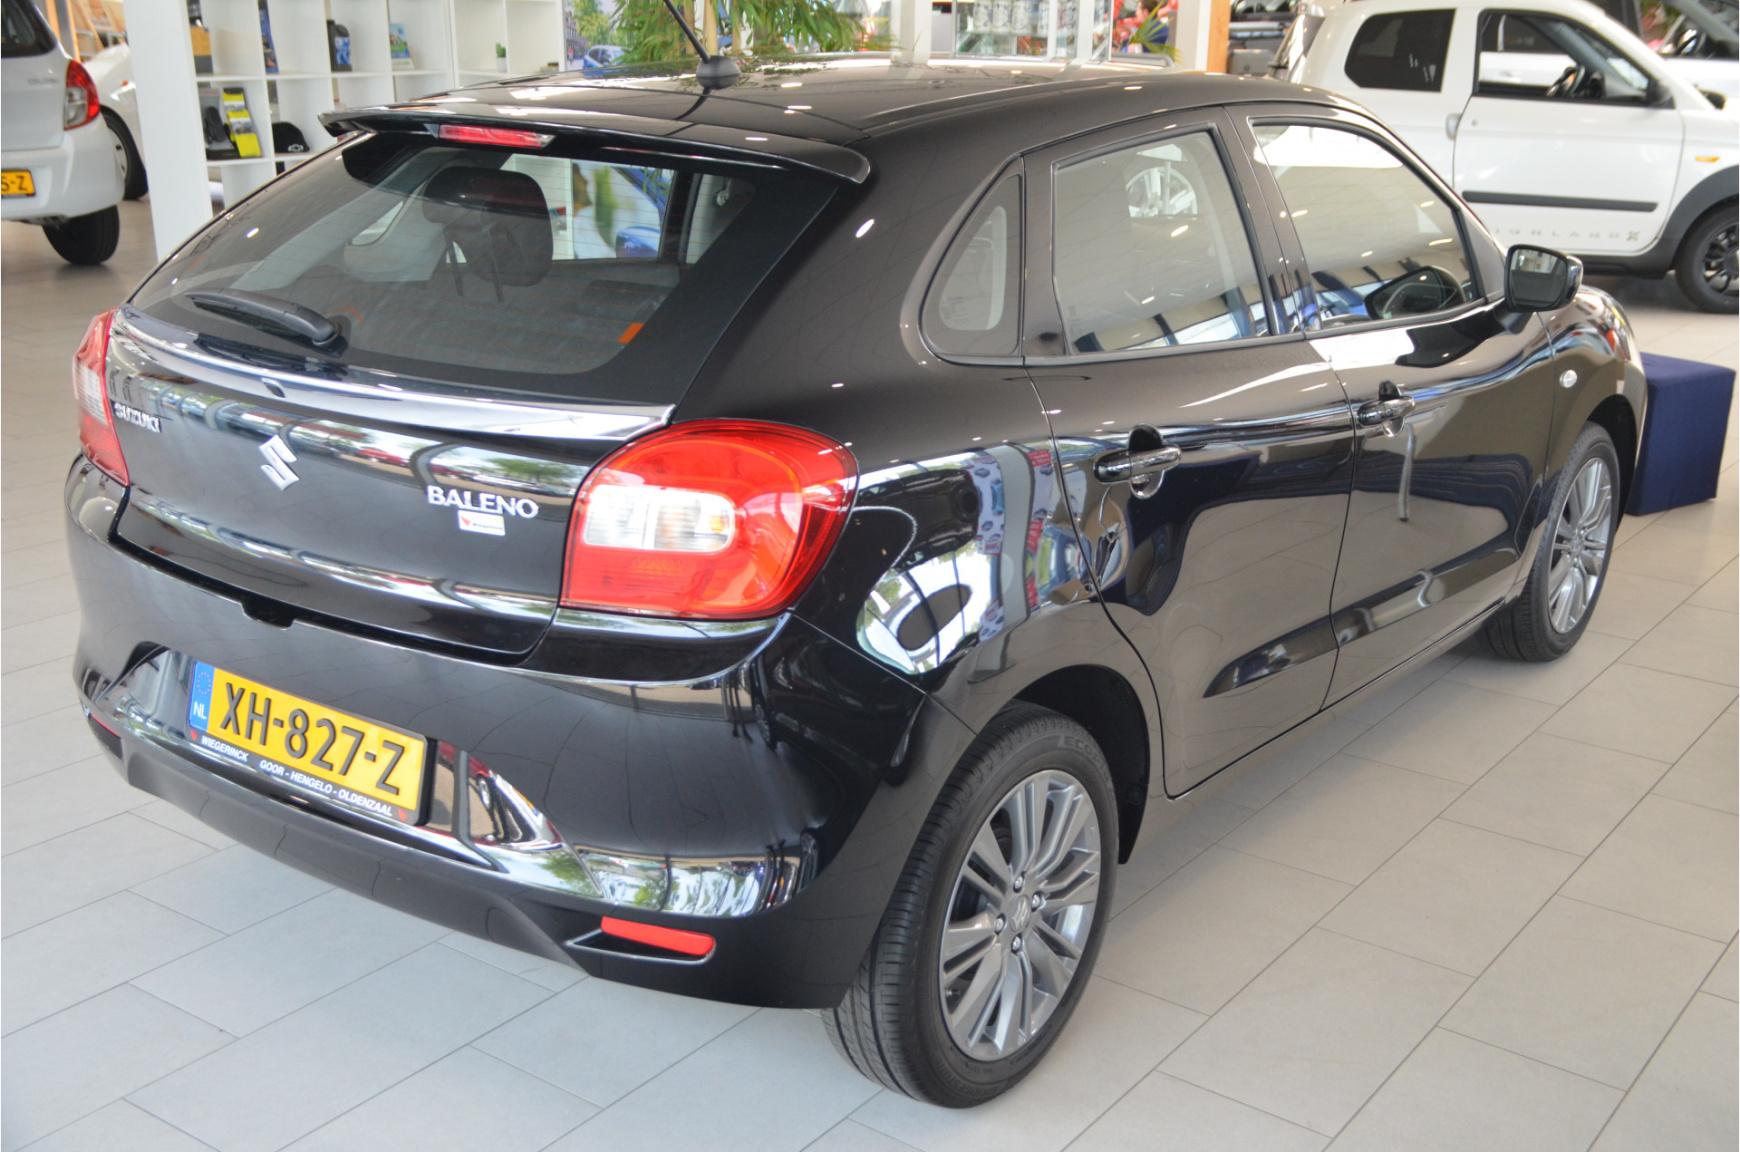 Suzuki-Baleno-6